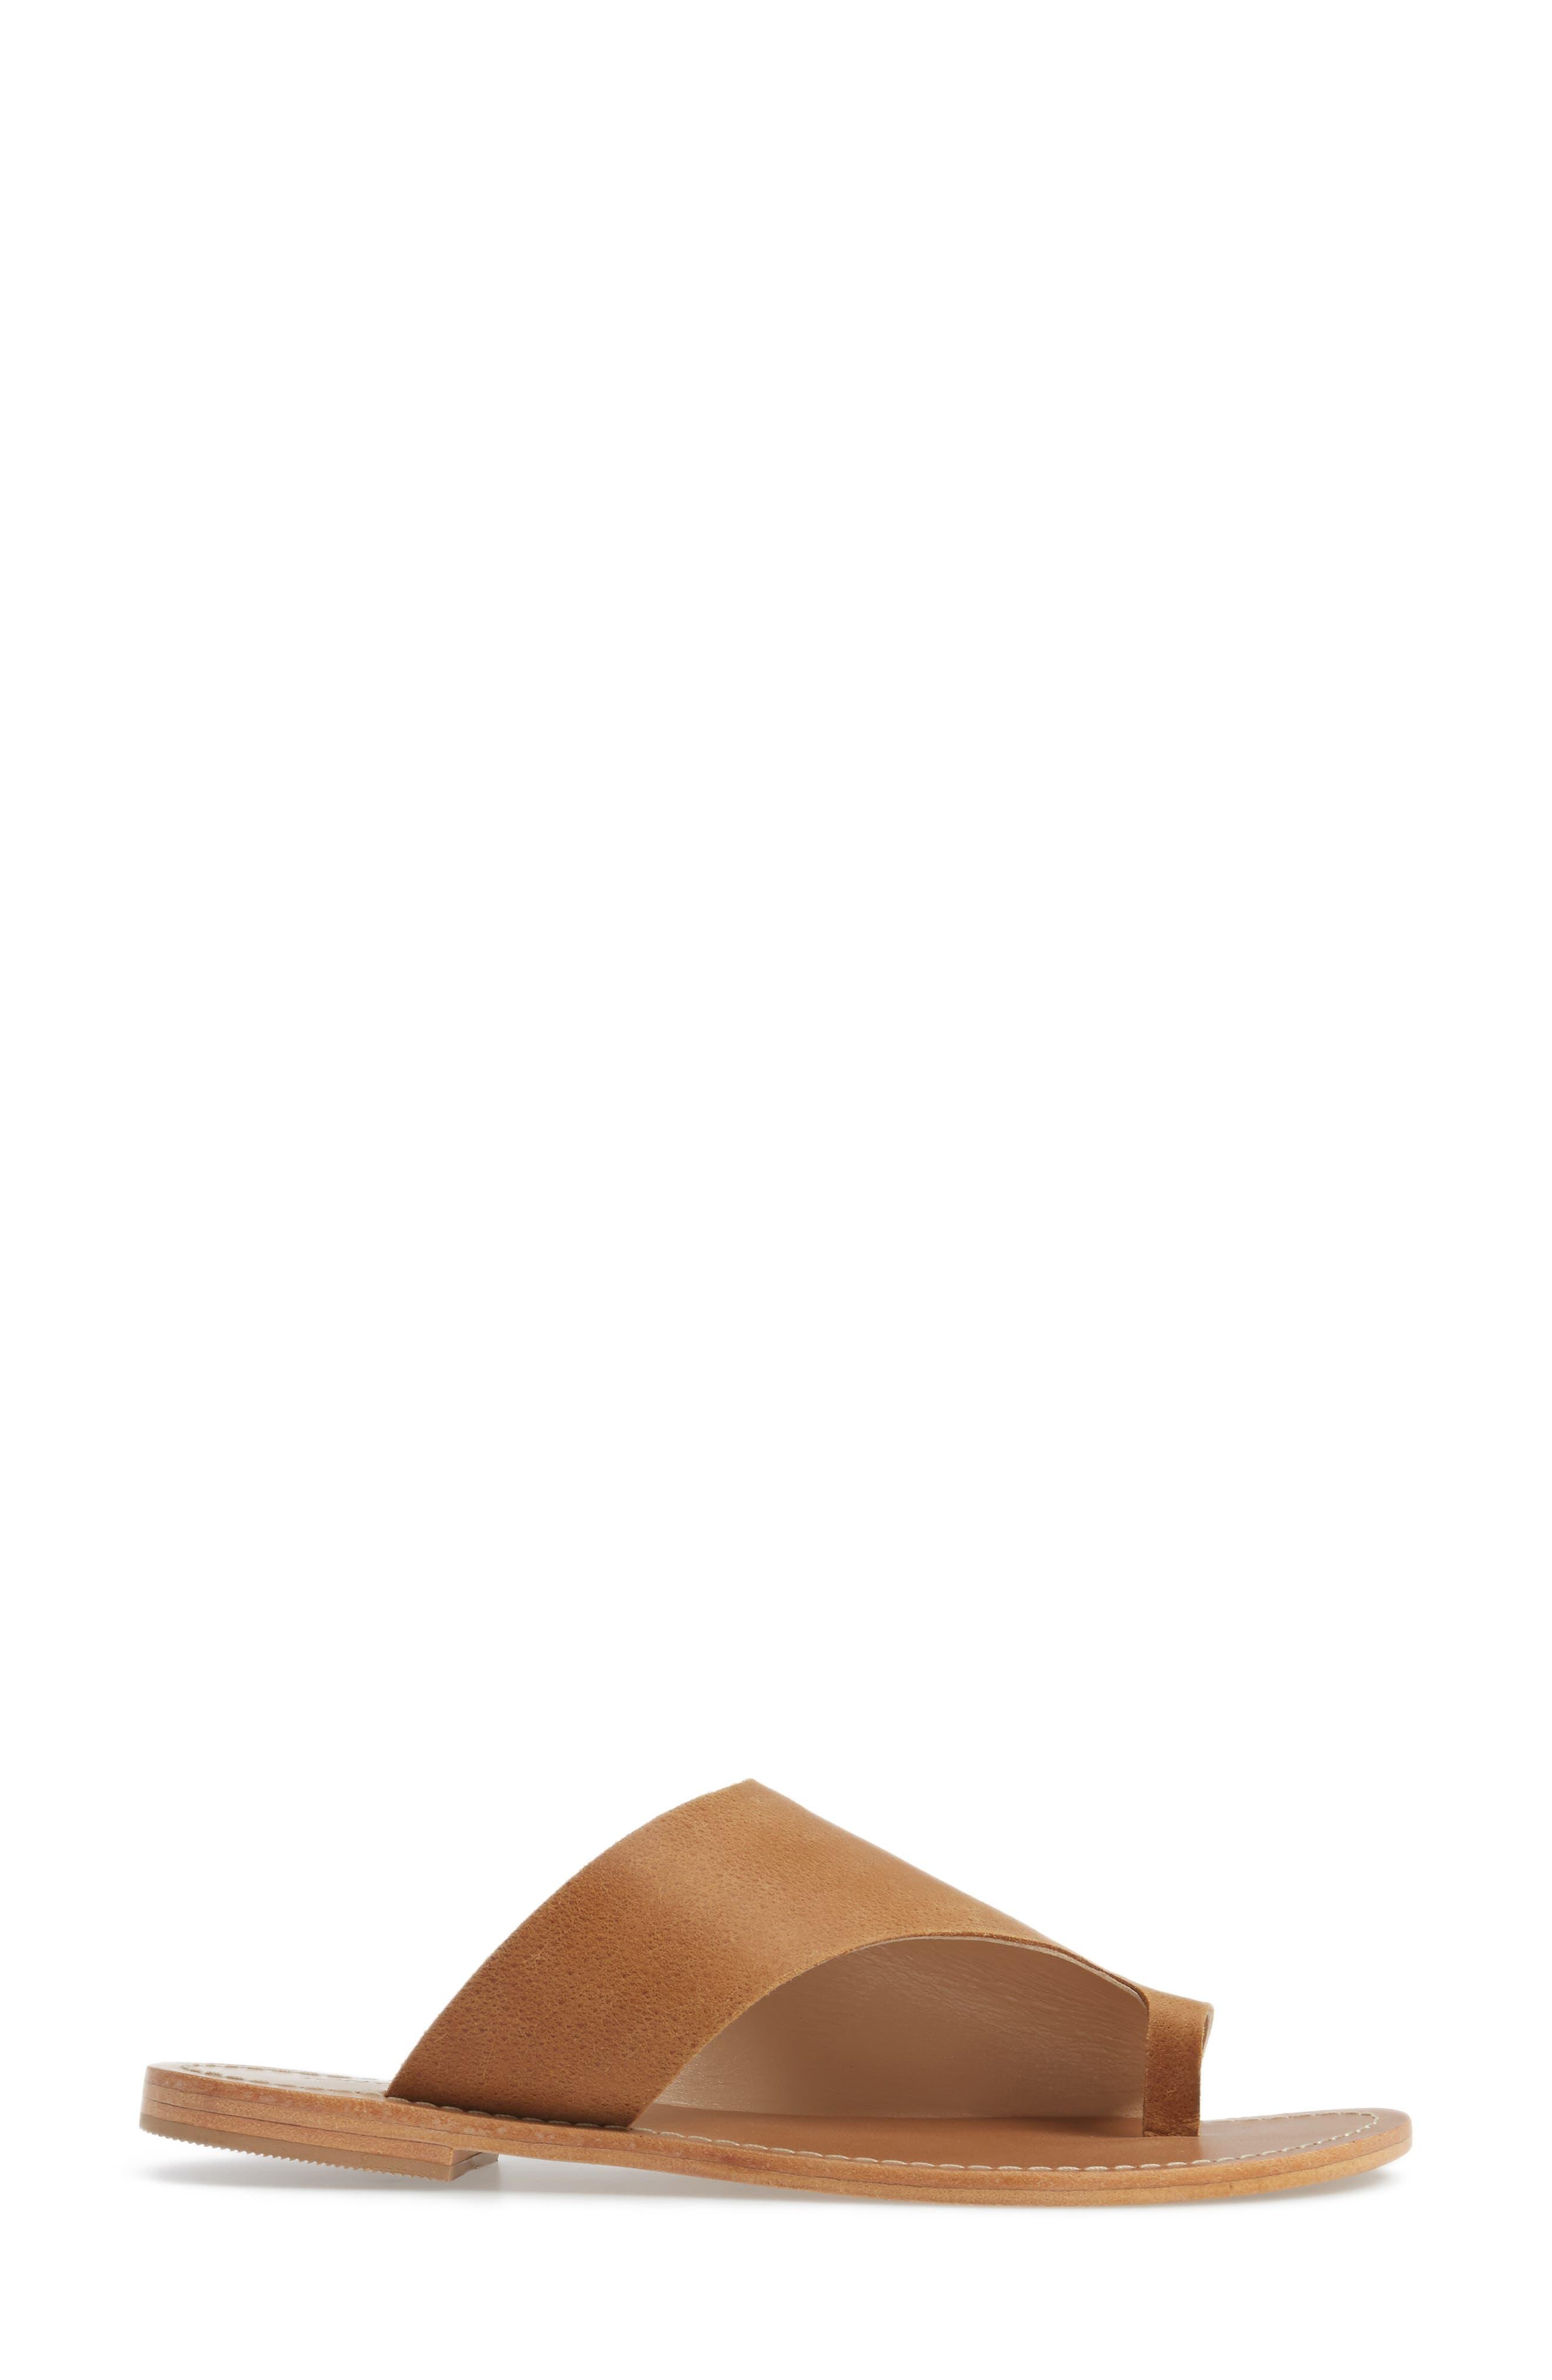 Fleet Slide Sandal,                             Alternate thumbnail 3, color,                             Tan Leather